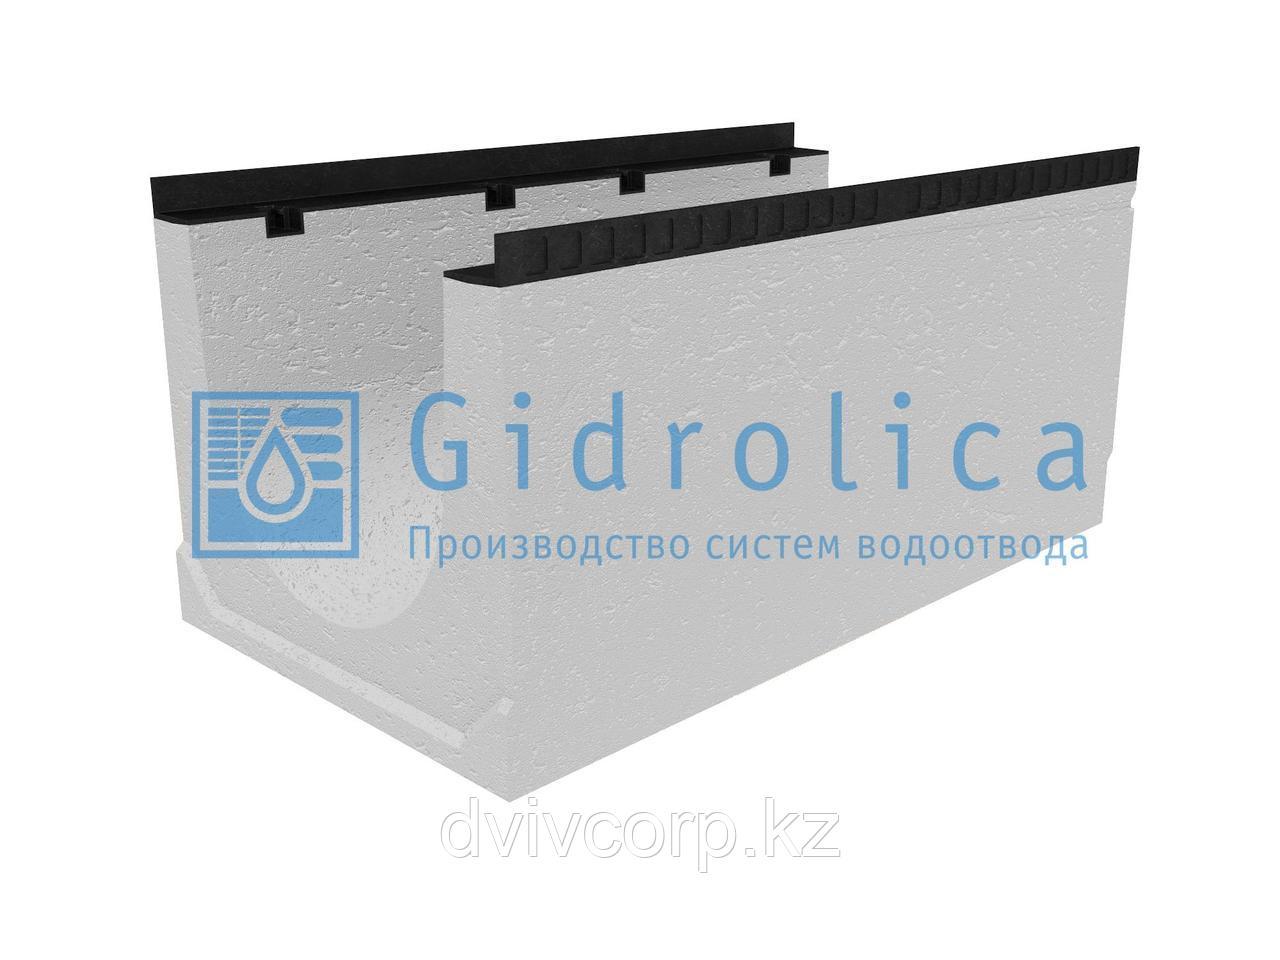 Лоток водоотводный бетонный коробчатый (СО-400мм), с уклоном 0,5%  КUу 100.54(40).48,5(40,5) - BGМ, № 7